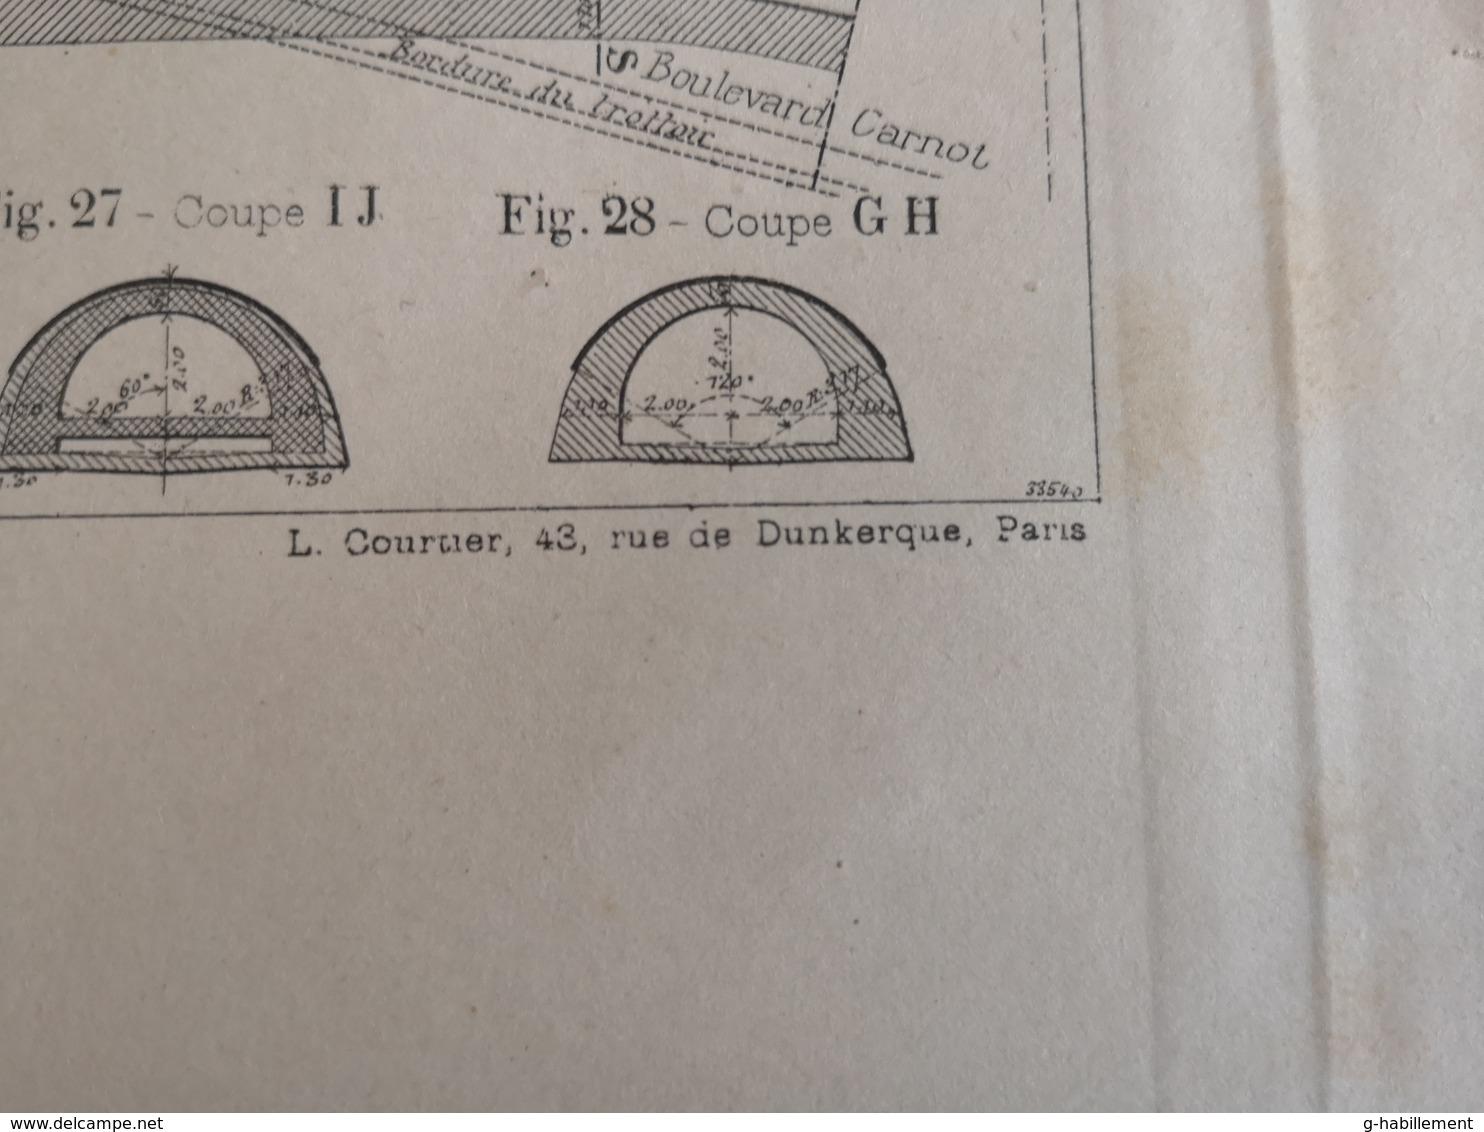 ANNALES PONTS Et CHAUSSEES (Dep 21) - Plan Des Grands Collecteurs De La Ville De Dijon - Imp L.Courtier - 1900 (CLF35) - Cartes Marines